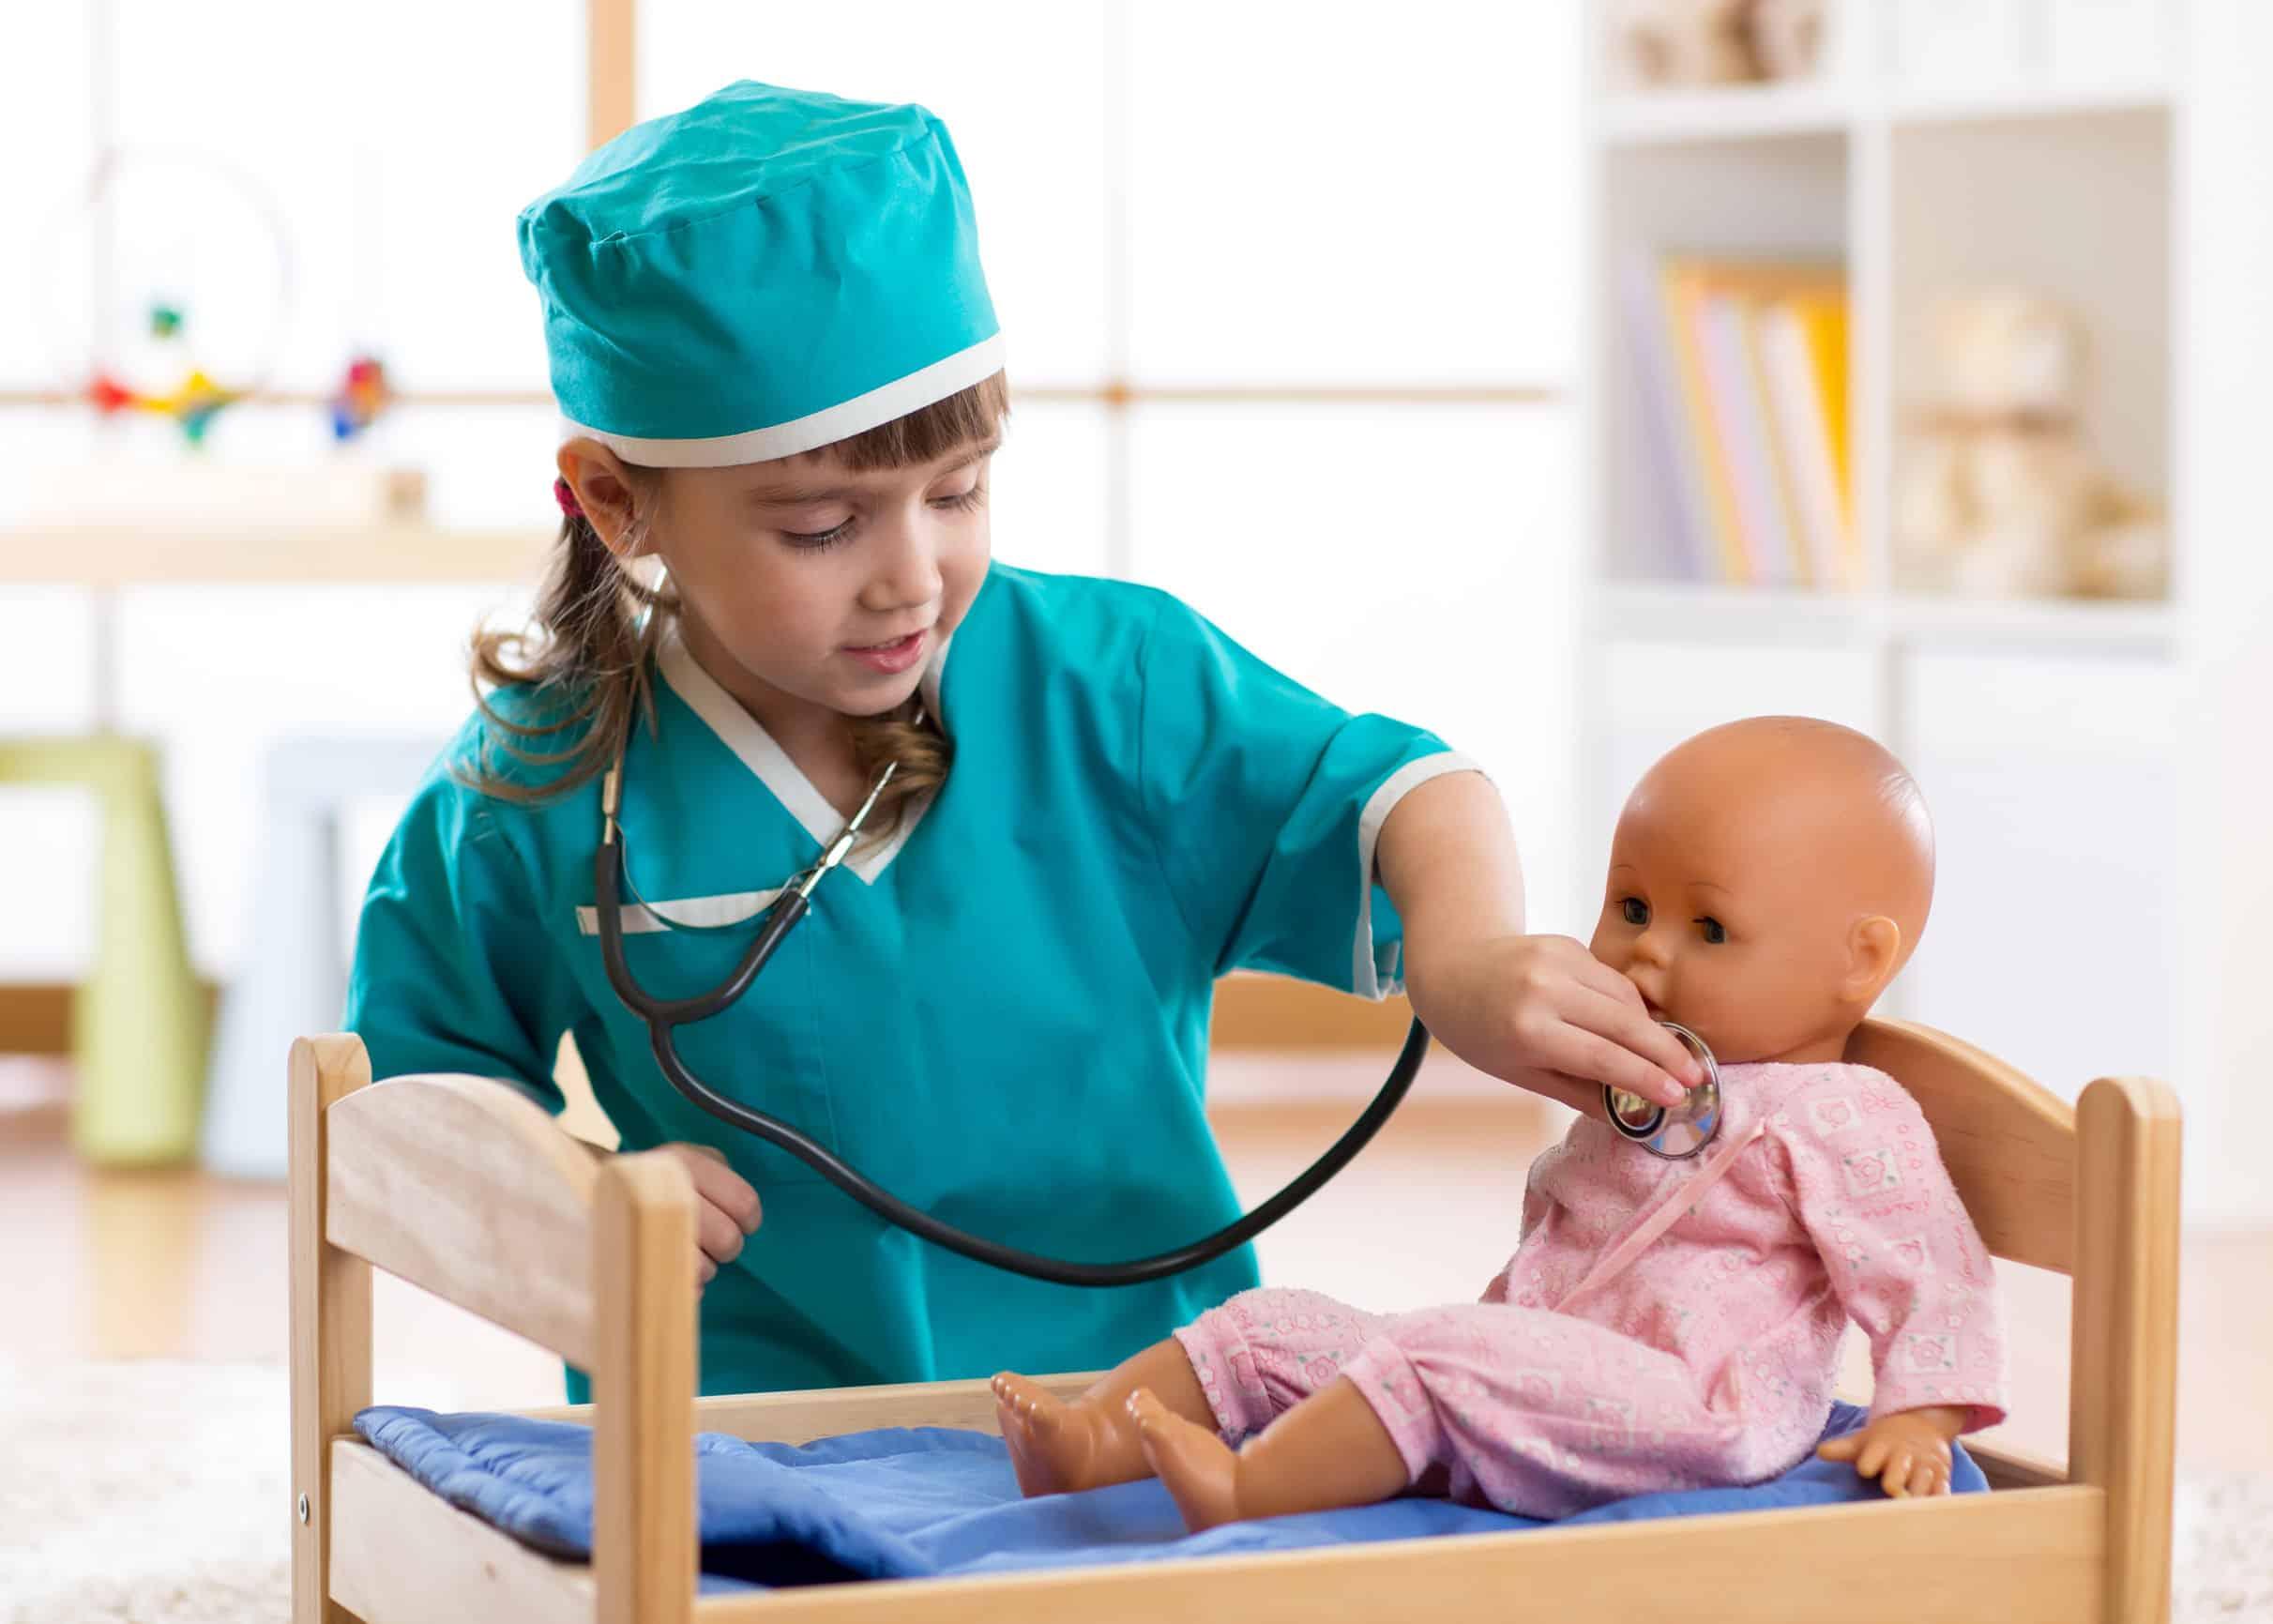 Bimba che gioca al dottore con la bambola